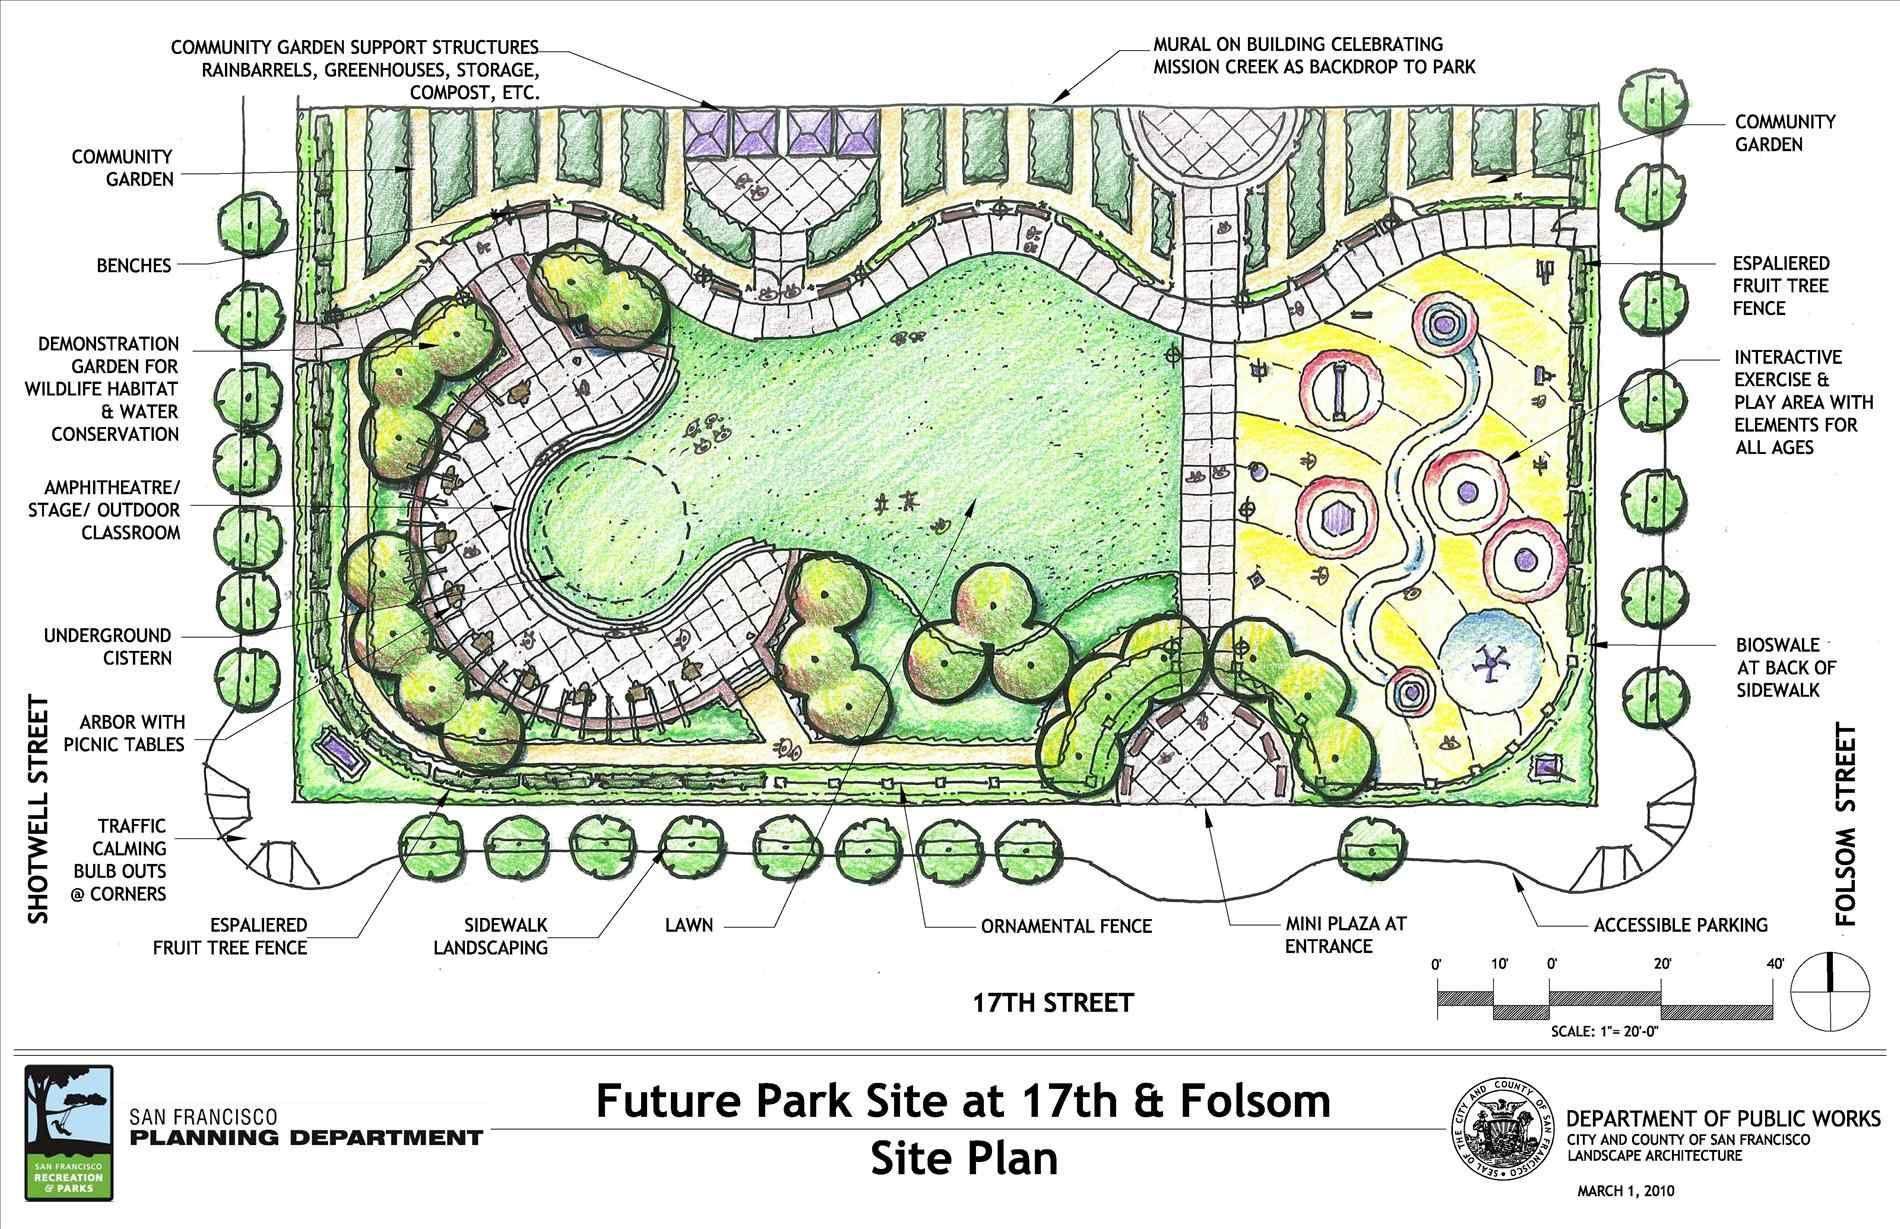 Mortar Landscape Design And Architecture Julie Moir Messervy Studio For A Julie Public Park Landscape Design Plan Moir Messervy Design 정원 가꾸기 정원 디자인 아이디어 조경설계